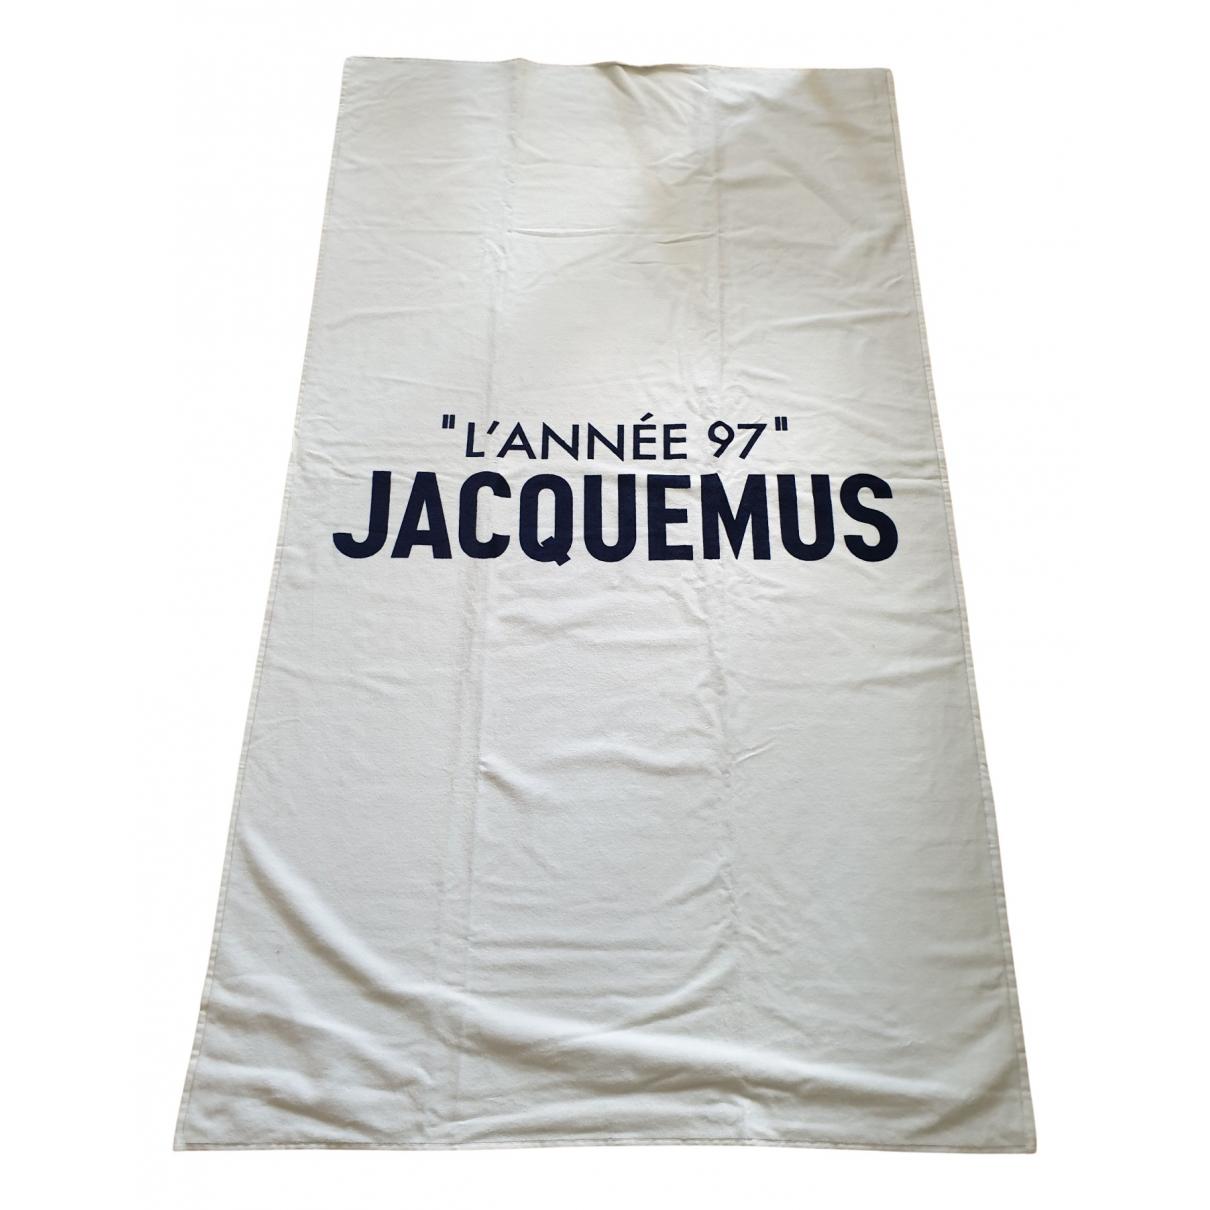 Textil de hogar Jacquemus